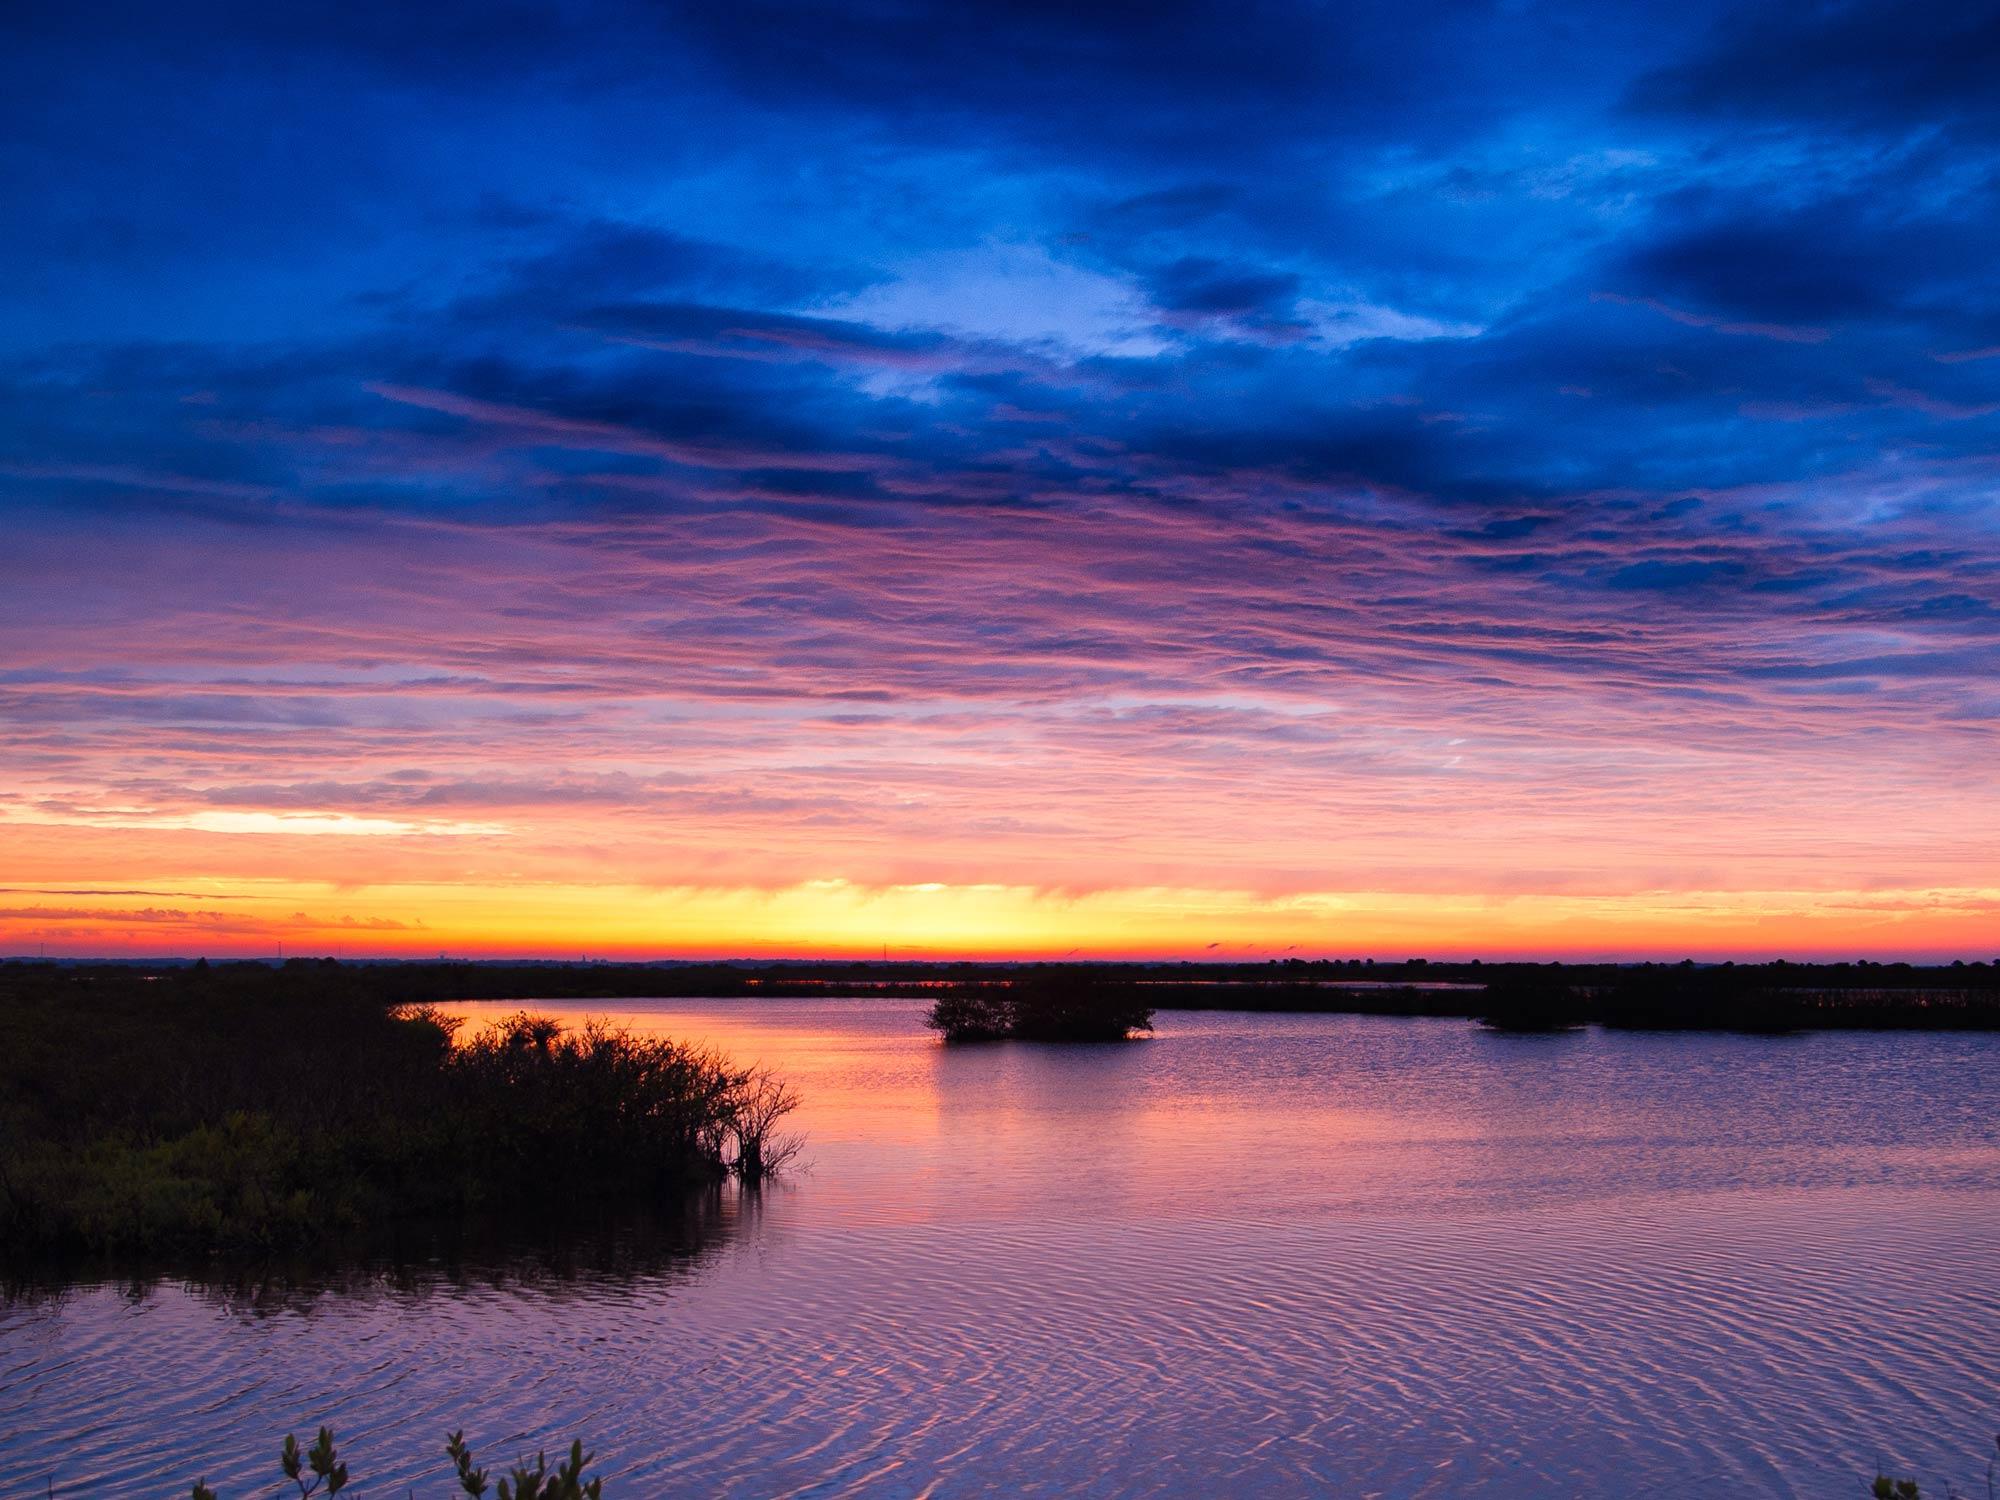 A beautiful Florida sunset over the flats